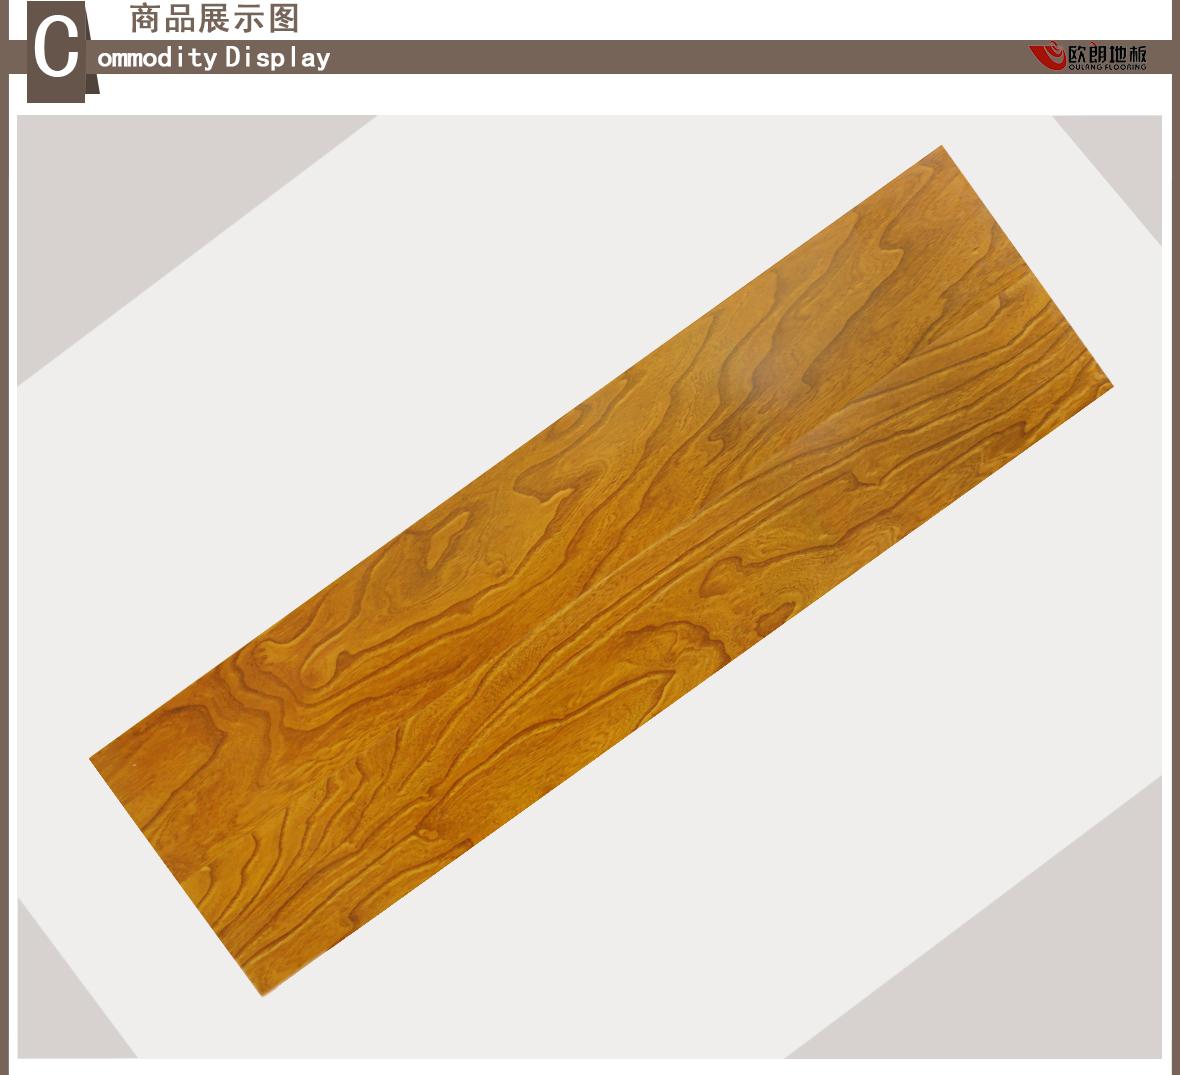 欧朗地板 GAG1116-A型号 强化复合地板 密度板 适用于地暖,图片、价格、品牌、评测样样齐全!【蓝景商城正品行货,蓝景丽家大钟寺家居广场提货,北京地区配送,领券更优惠,线上线下同品同价,立即购买享受更多优惠哦!】